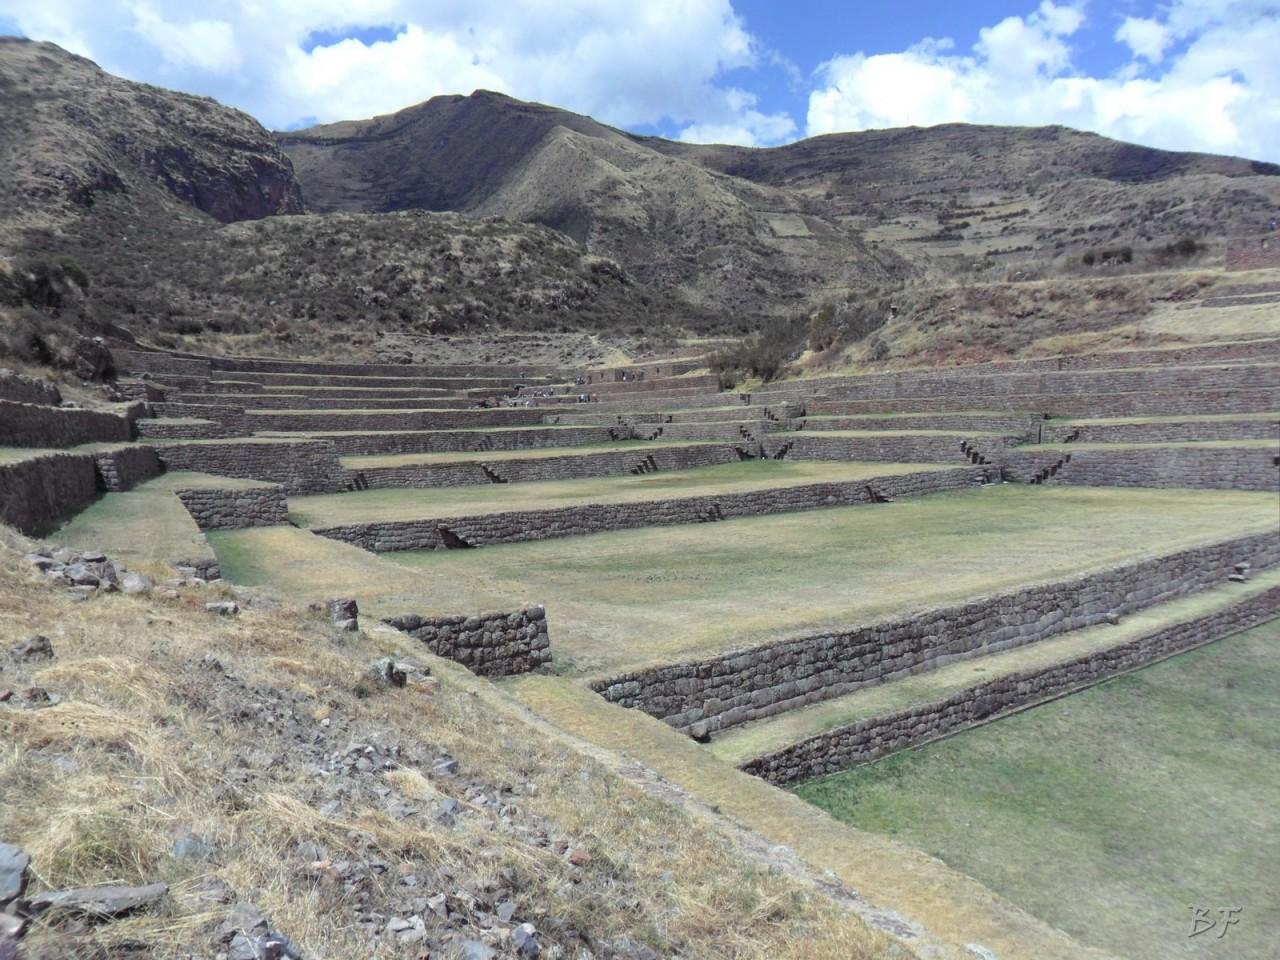 Mura-Poligonali-Megaliti-Tipon-Oropesa-Cusco-Perù-21